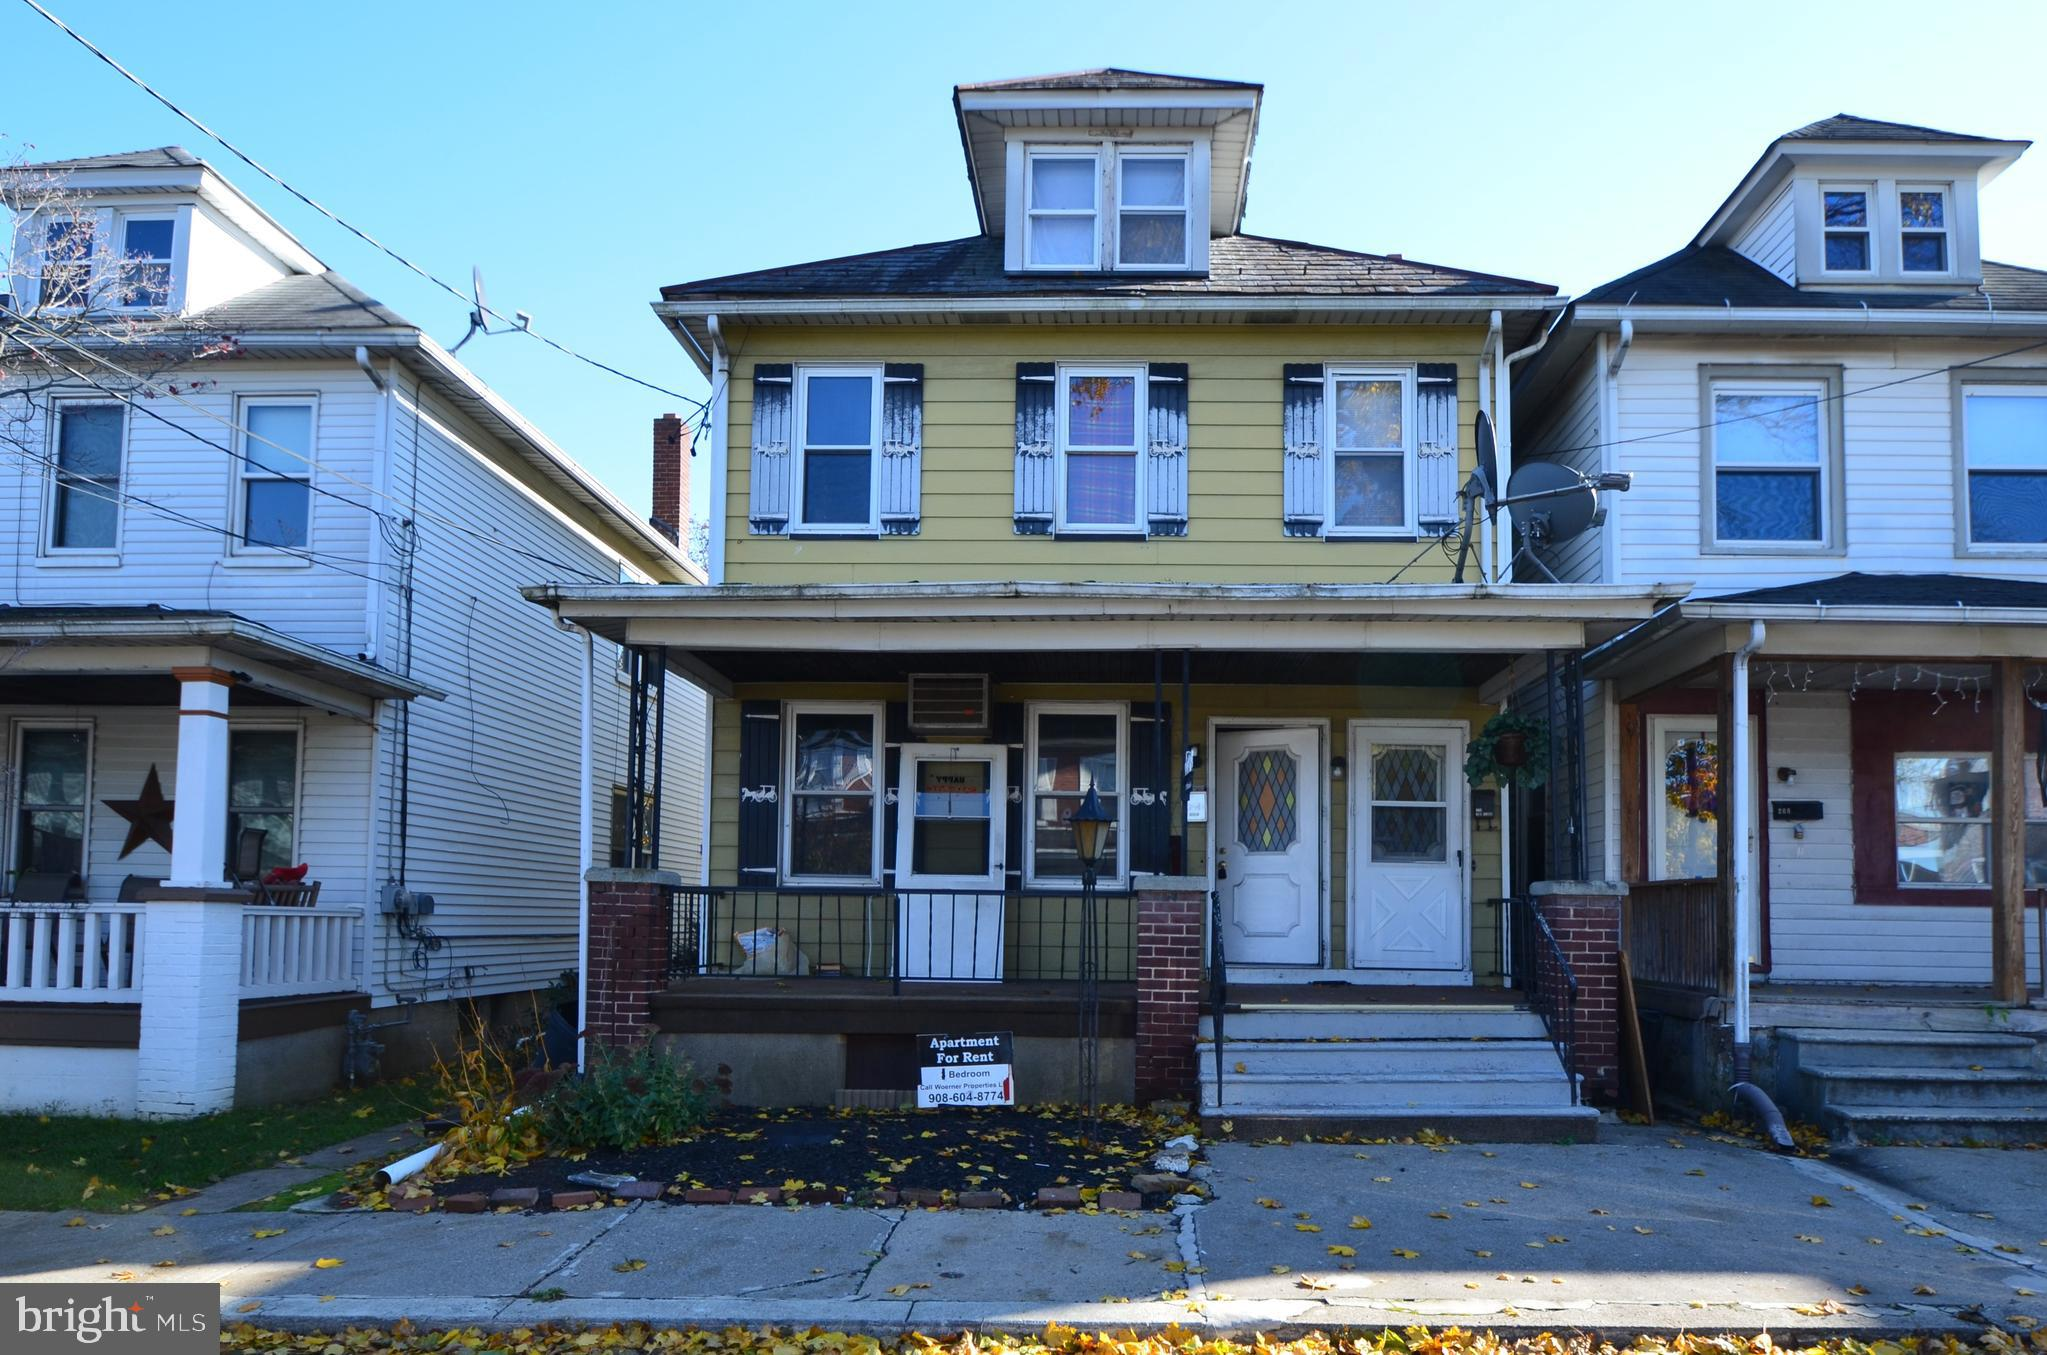 270 IRWIN STREET, PHILLIPSBURG, NJ 08865